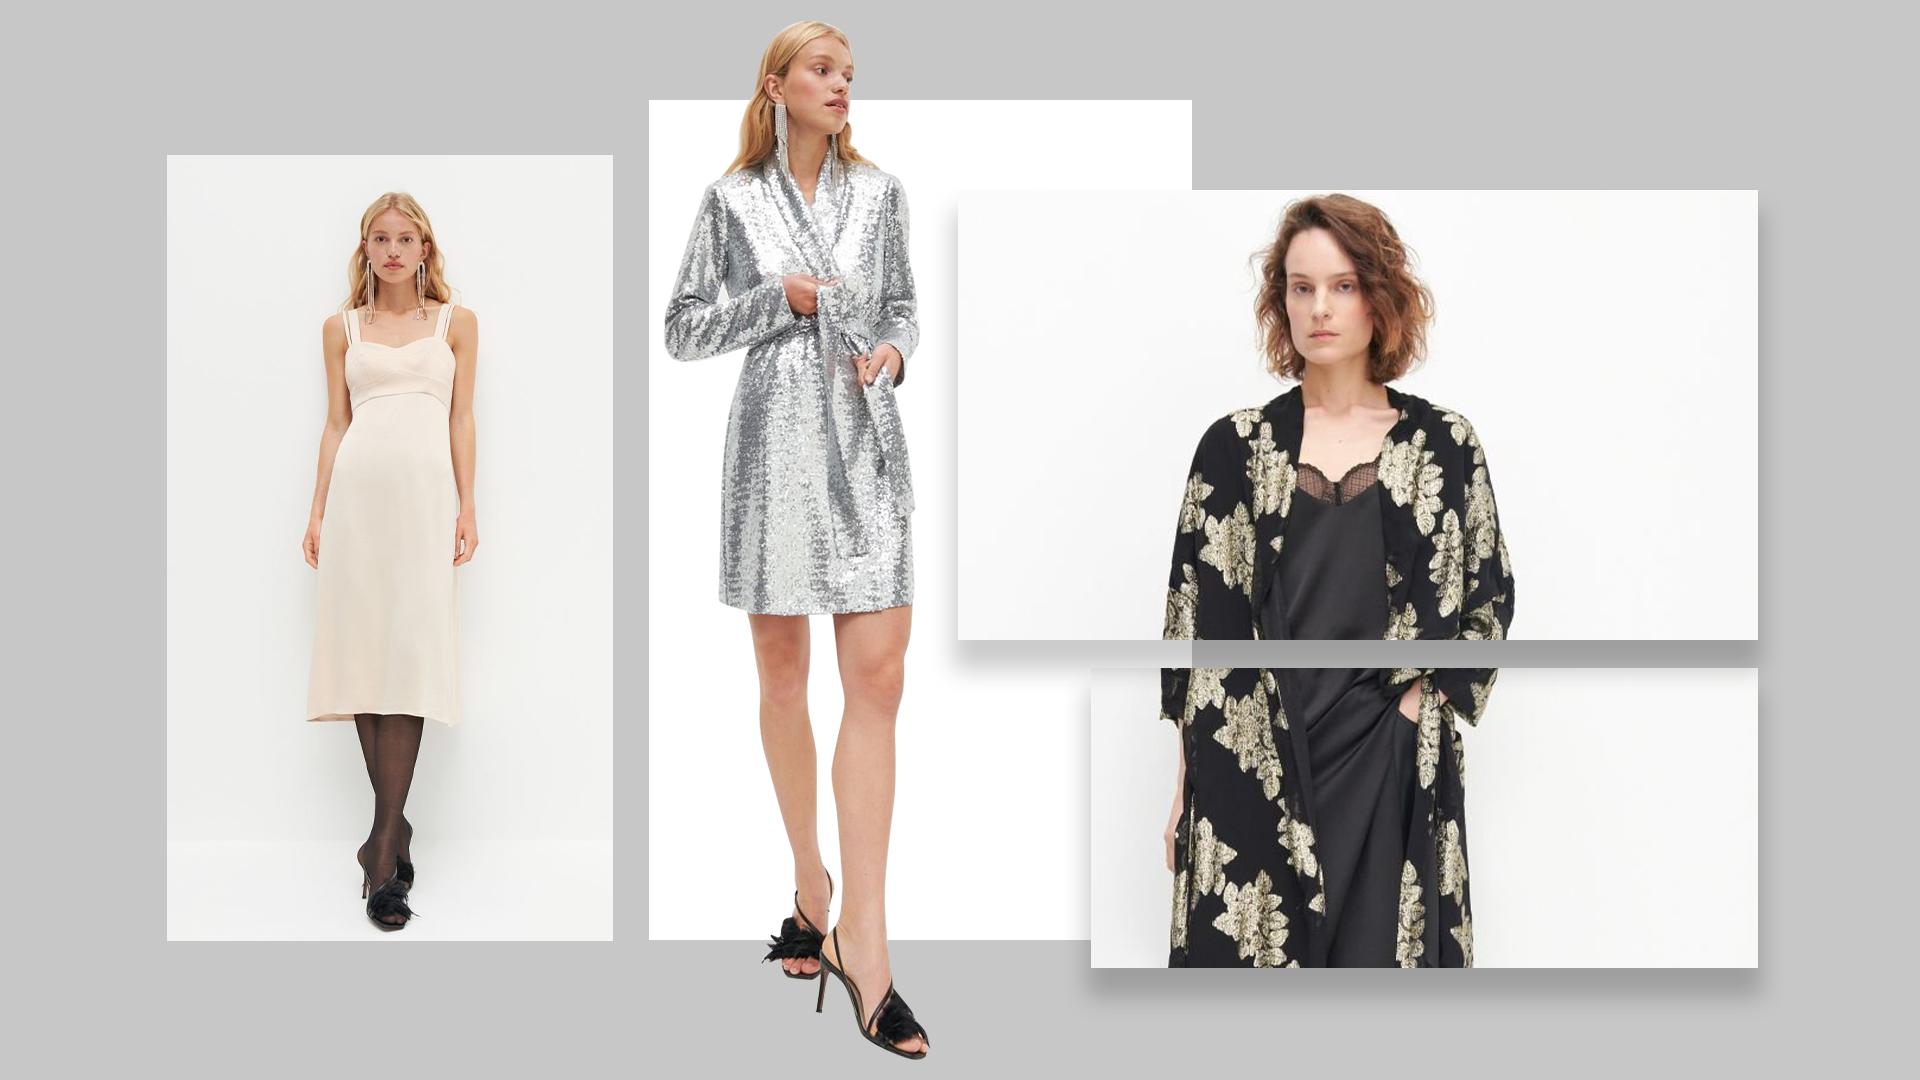 Эстетика 70-х, платья из переработанного пластика и пайетки: это 5 вариантов для образа в новогоднюю ночь